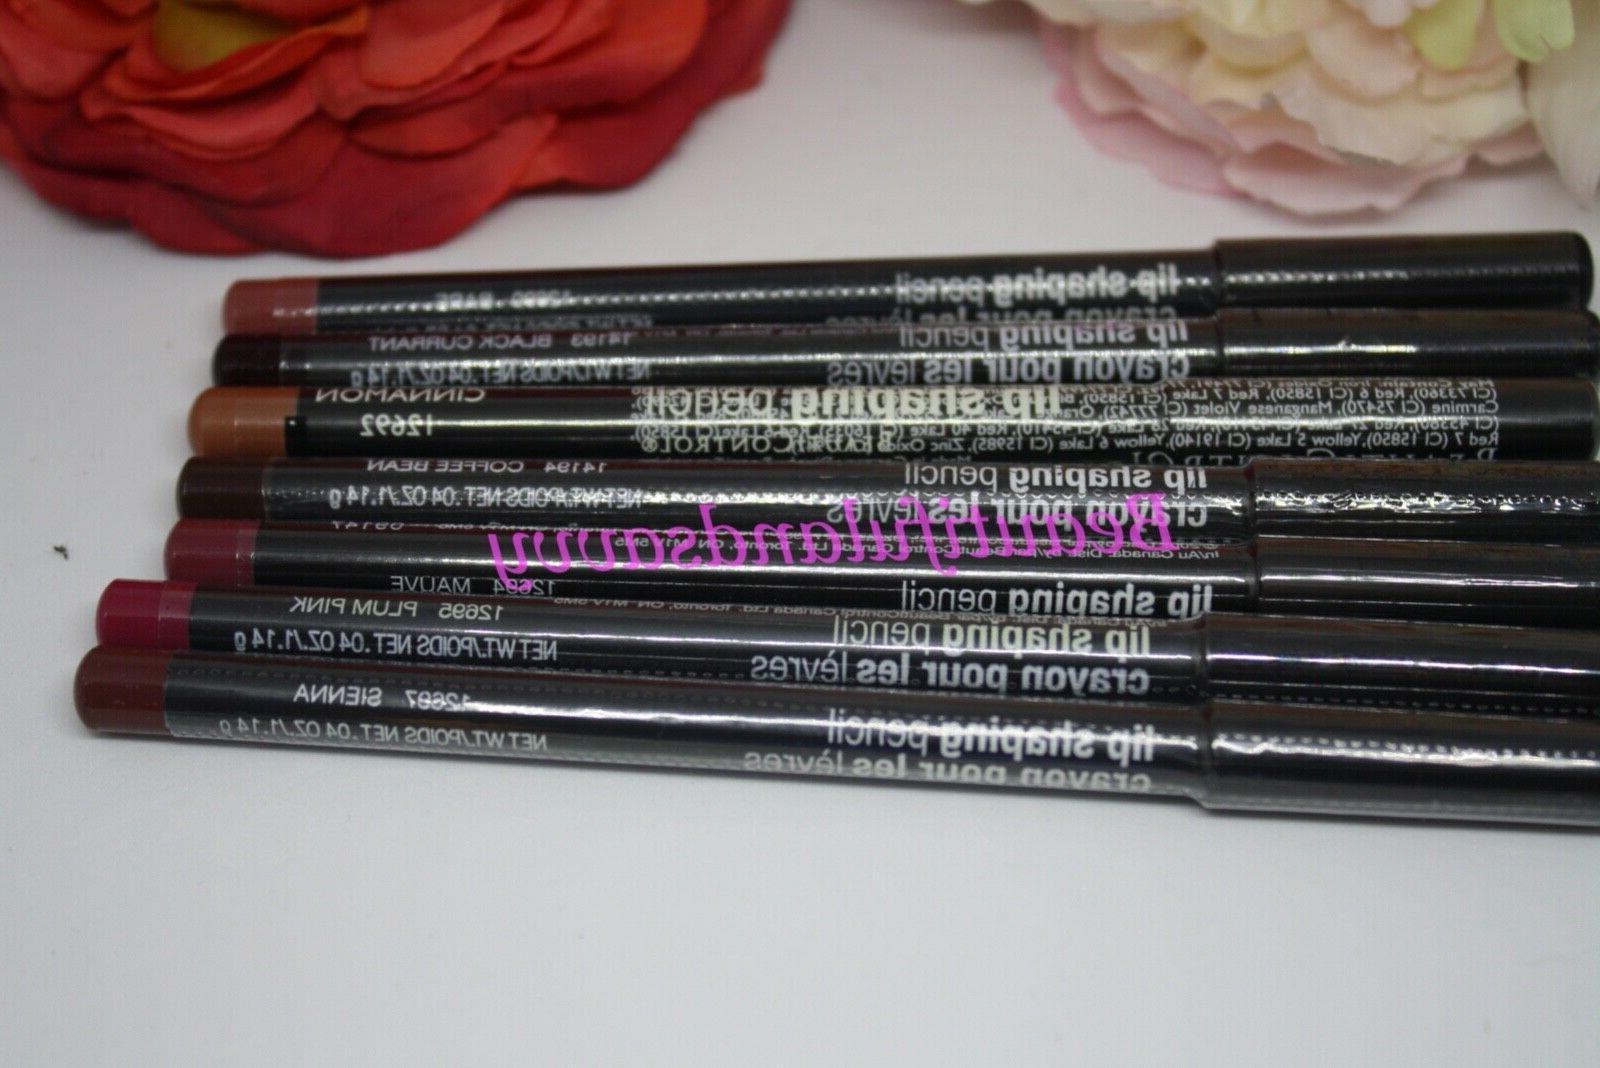 Beauticontrol Lip *Bare, Cinnamon, Pink, & Mor